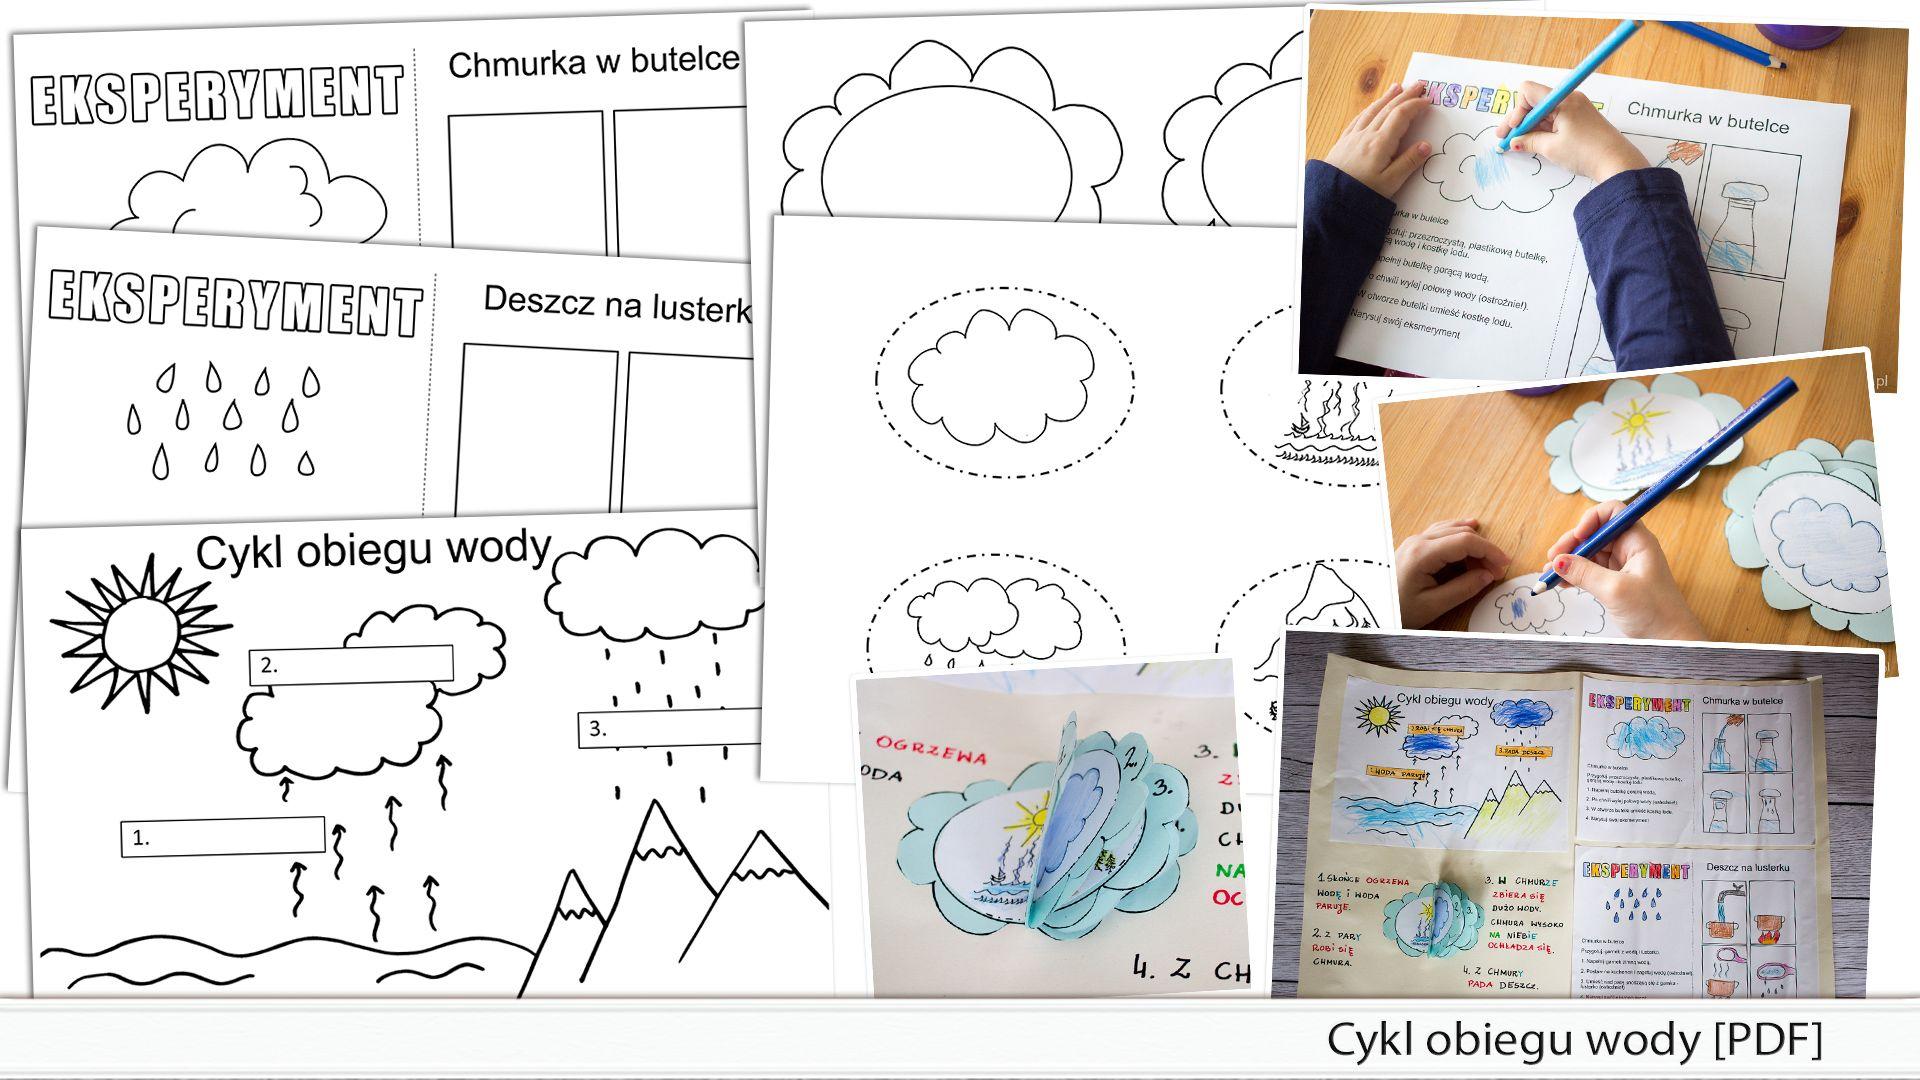 Cykl Obiegu Wody Pdf Za Darmo Kreatywne Wrota Net Pomoce Logopedyczne Bullet Journal Supplies